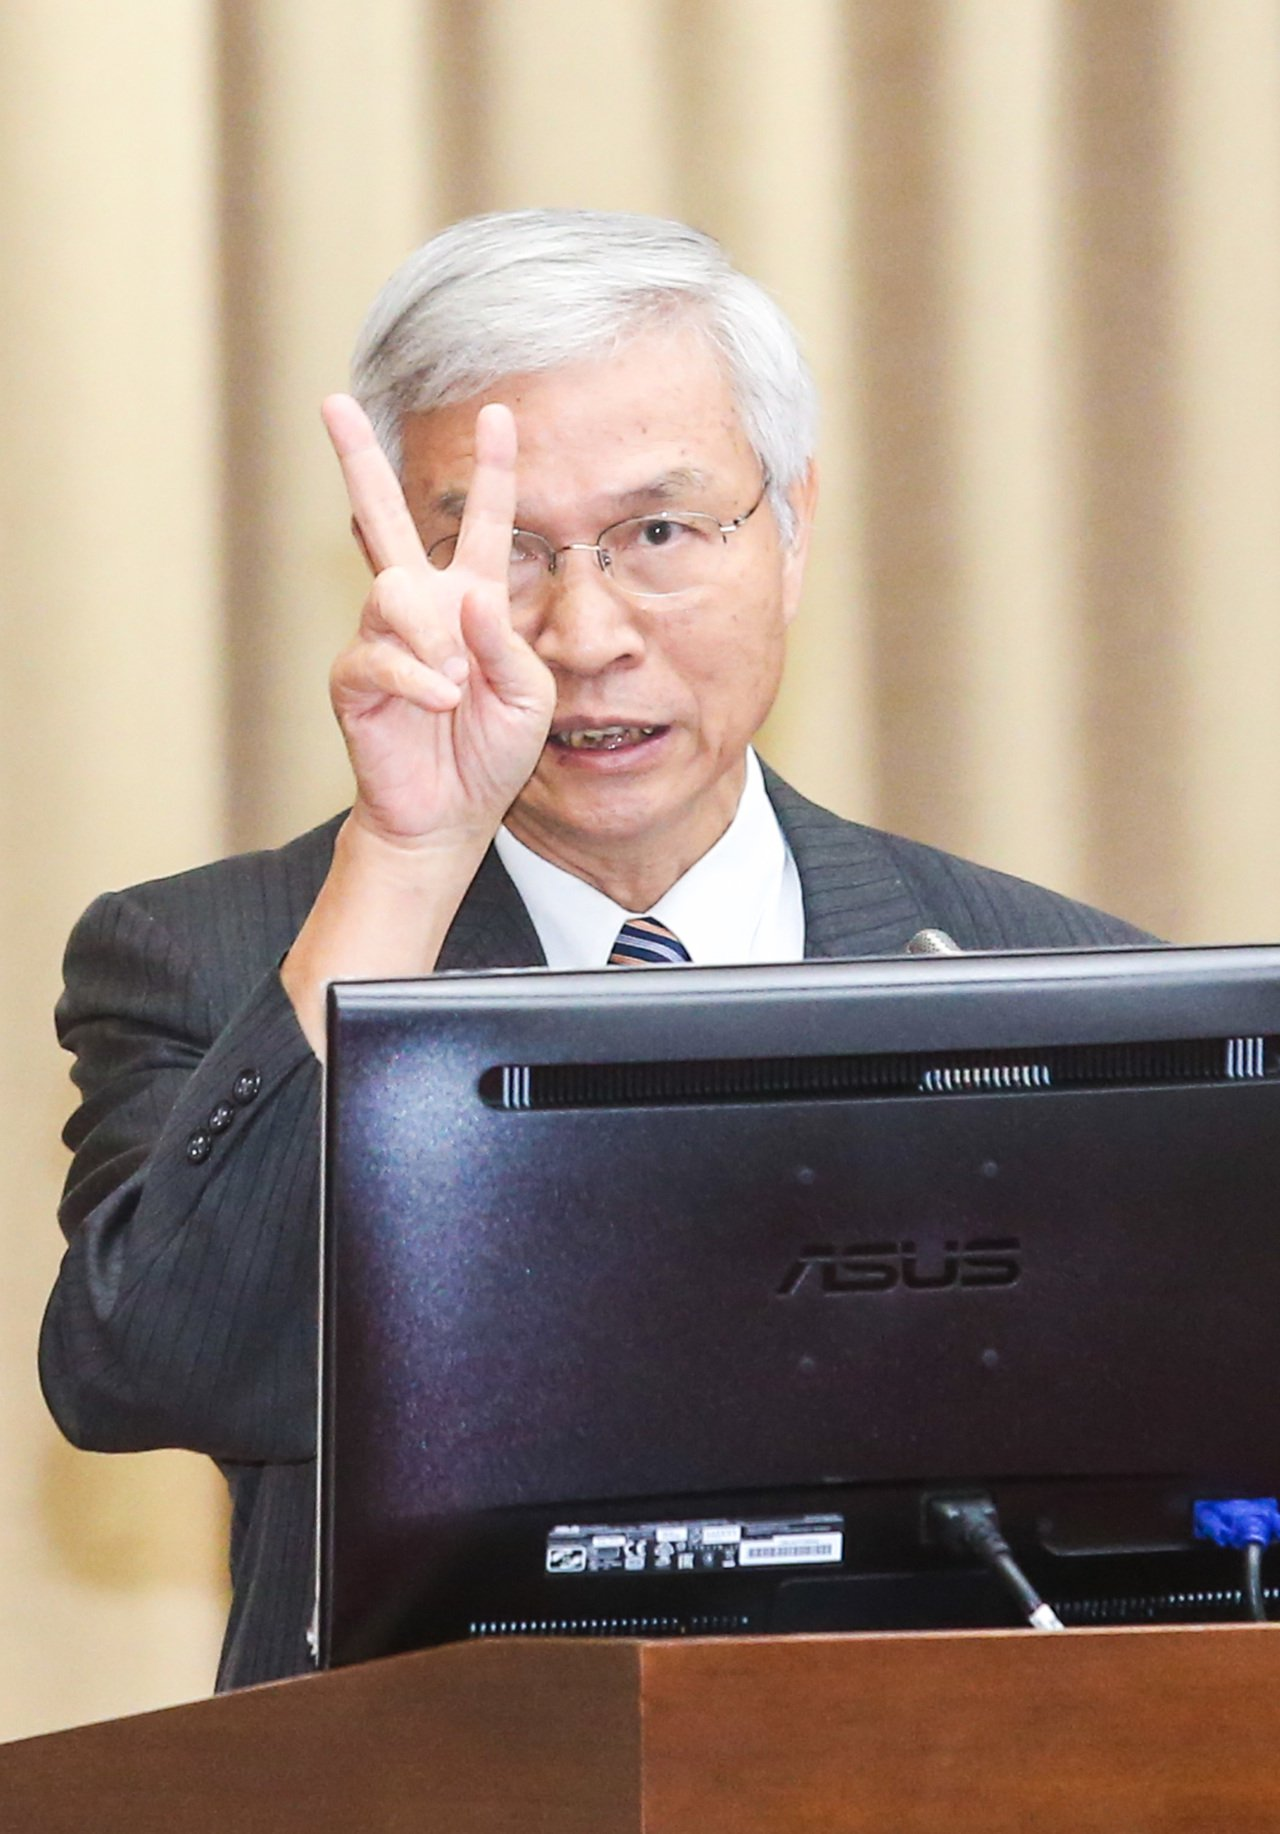 央行副總裁楊金龍列席立院財委會備詢。記者鄭清元/攝影